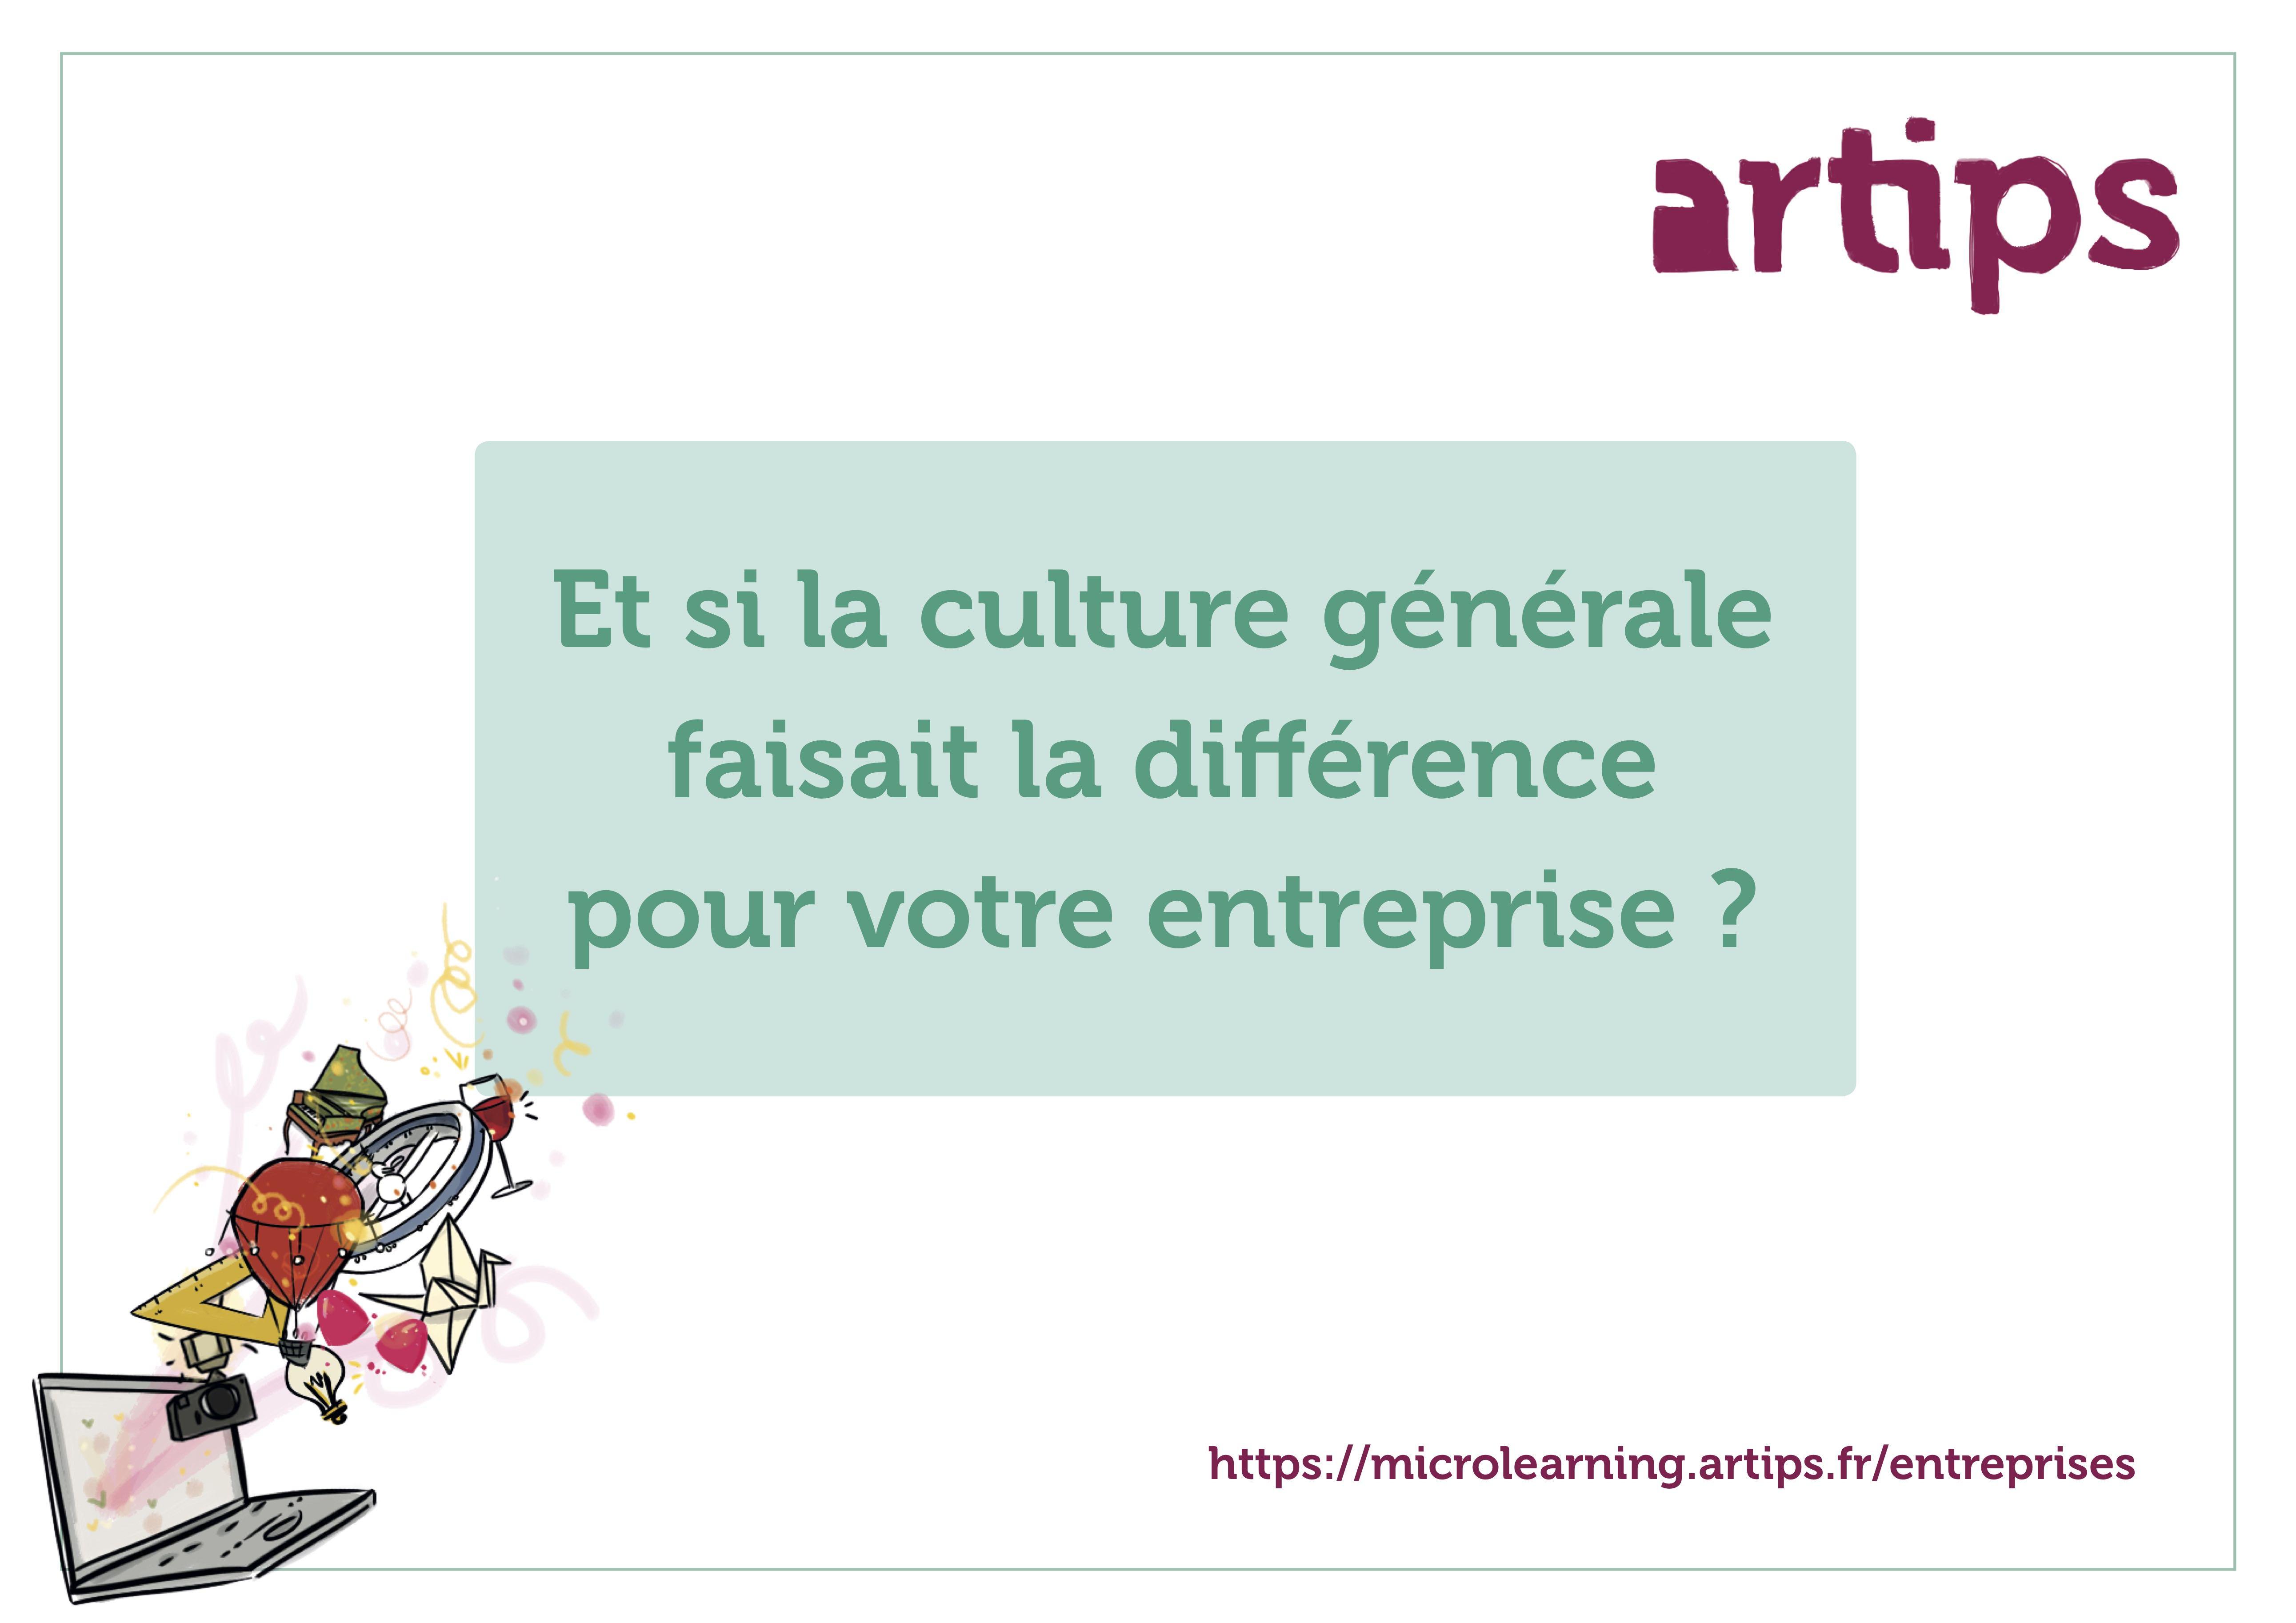 Et si la culture générale faisait la différence pour votre entreprise ?